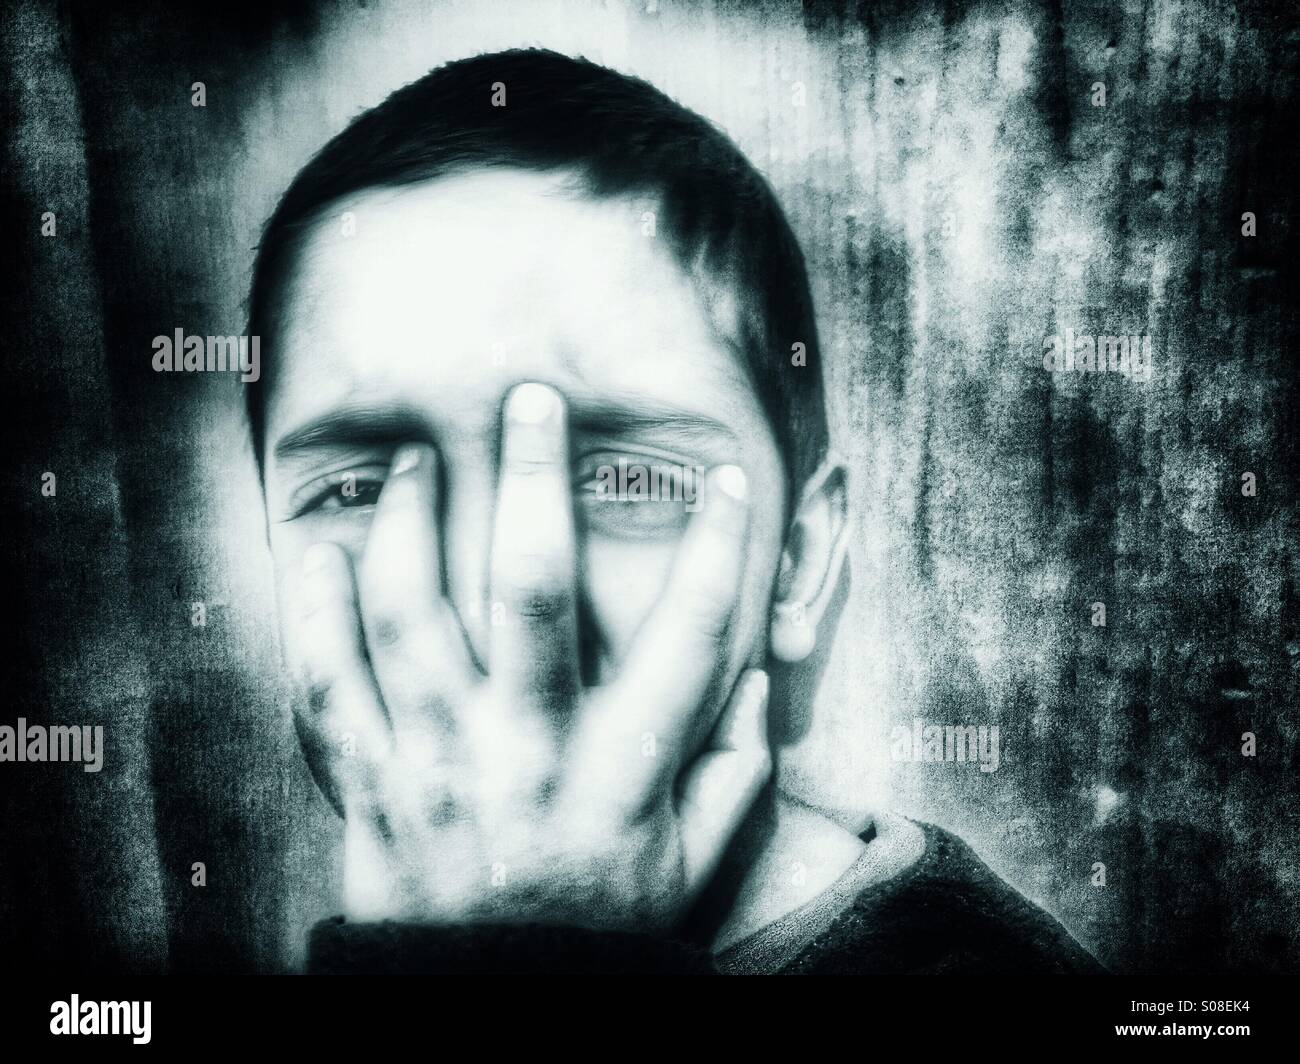 Peur boy hiding face Photo Stock